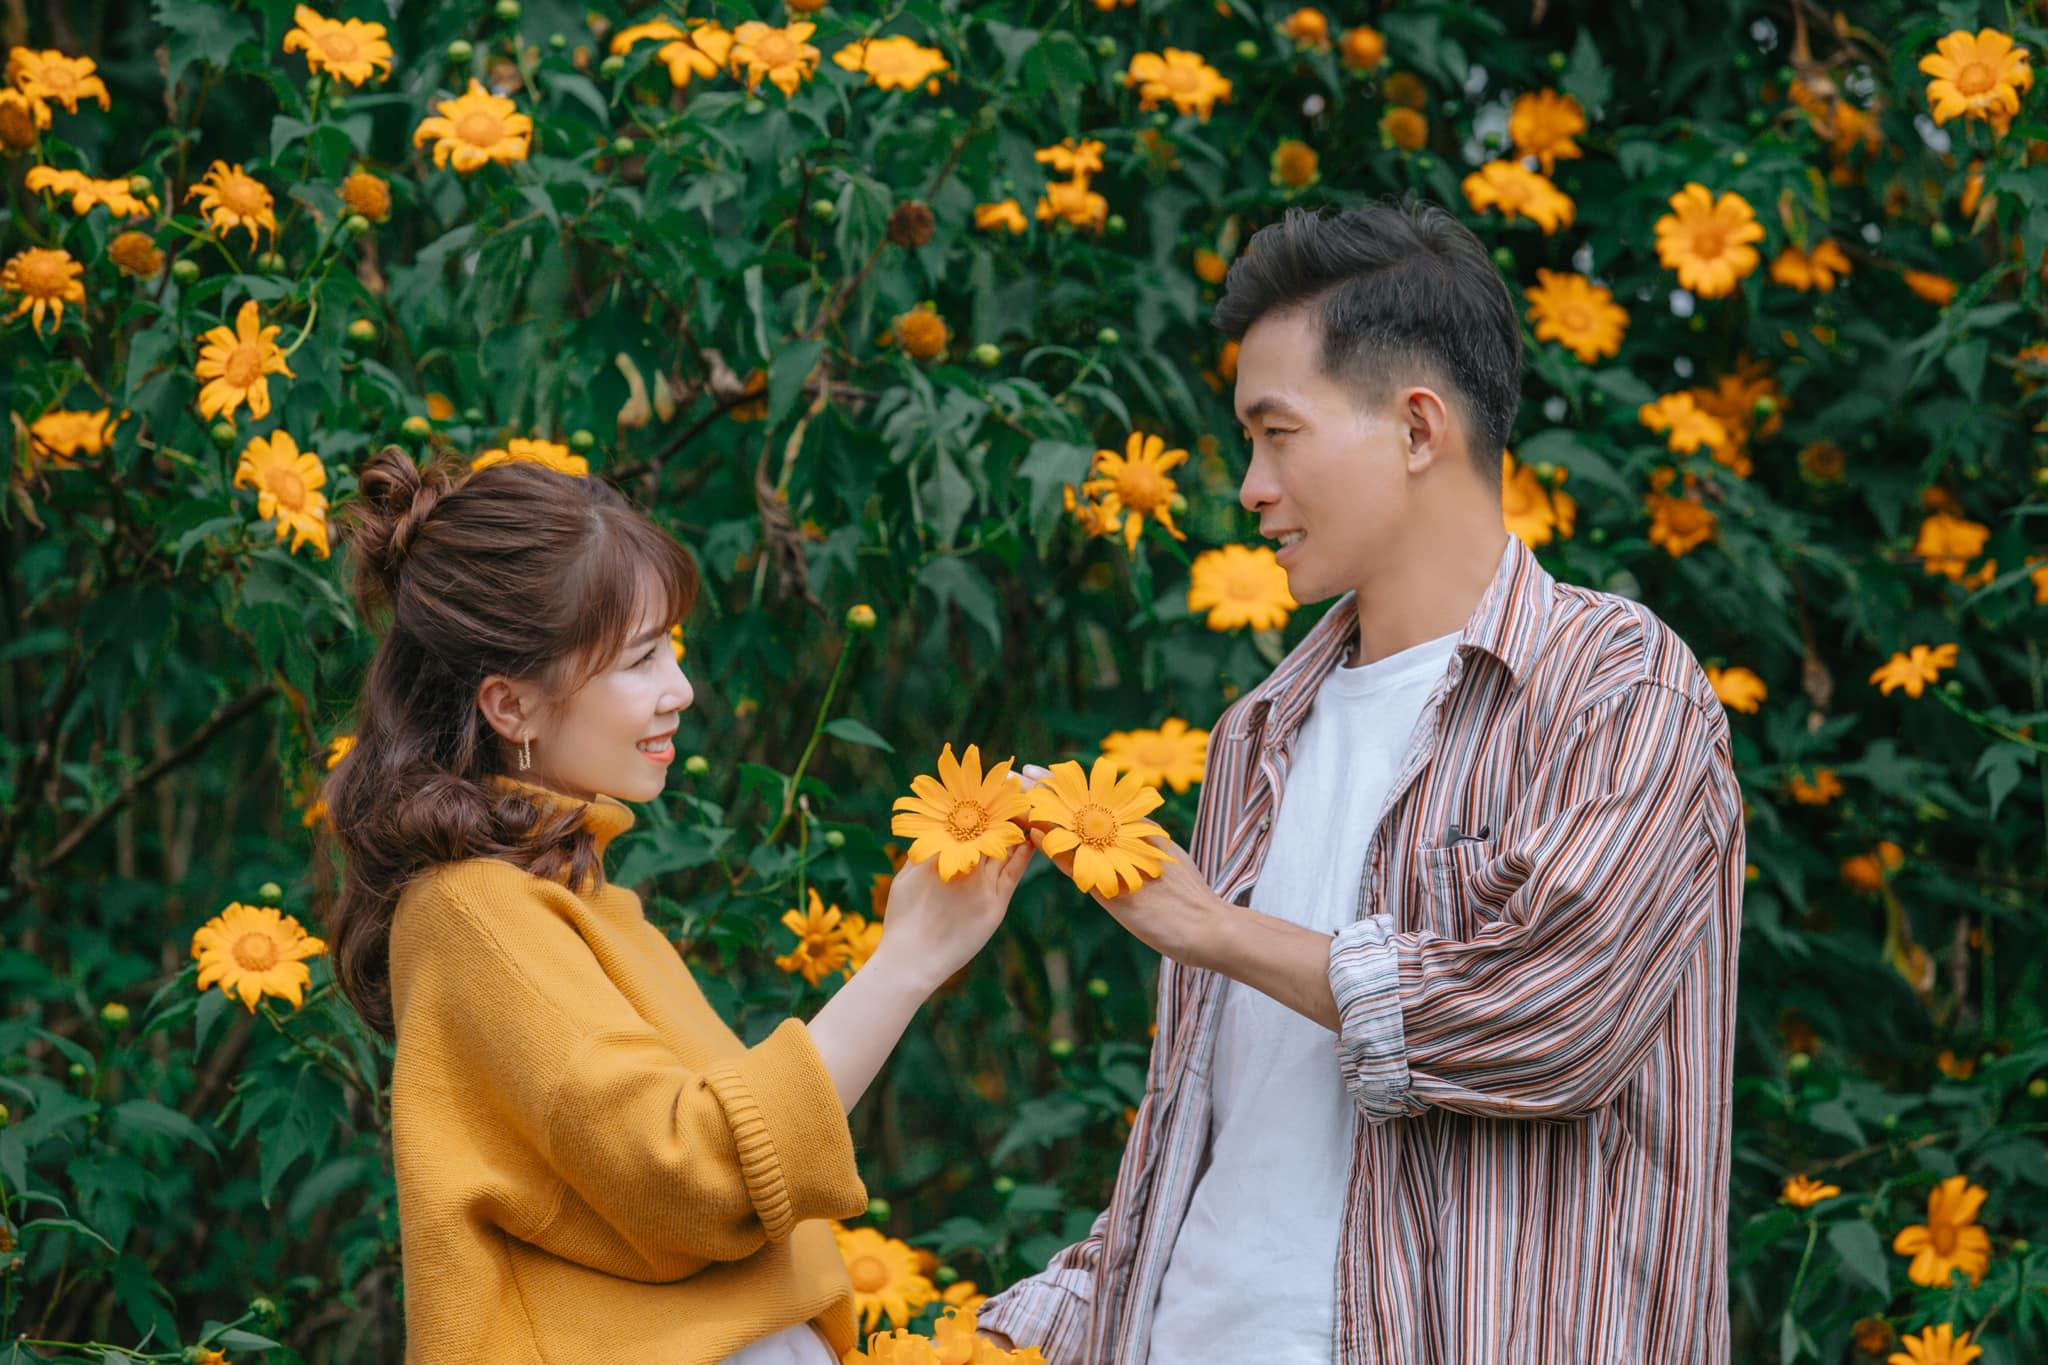 Ngắm Đà Lạt mùa hoa dã quỳ qua bộ ảnh lãng mạn của cặp đôi trẻ - Ảnh 5.